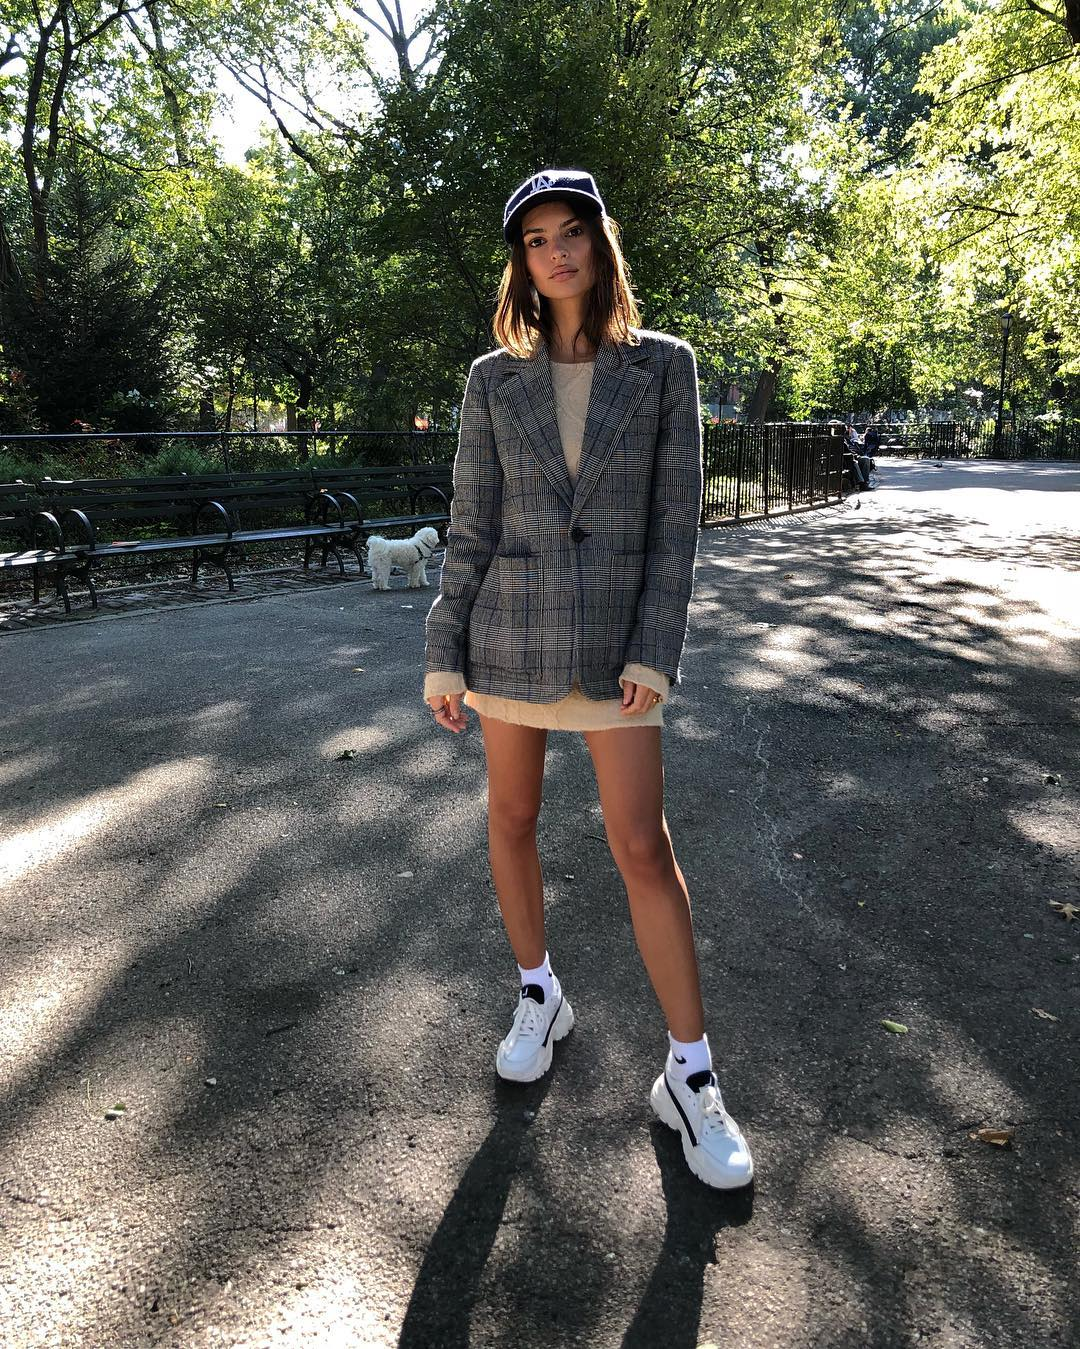 Emily Ratajkowski In Blazer, Sweater Dress And White Sneakers 2020